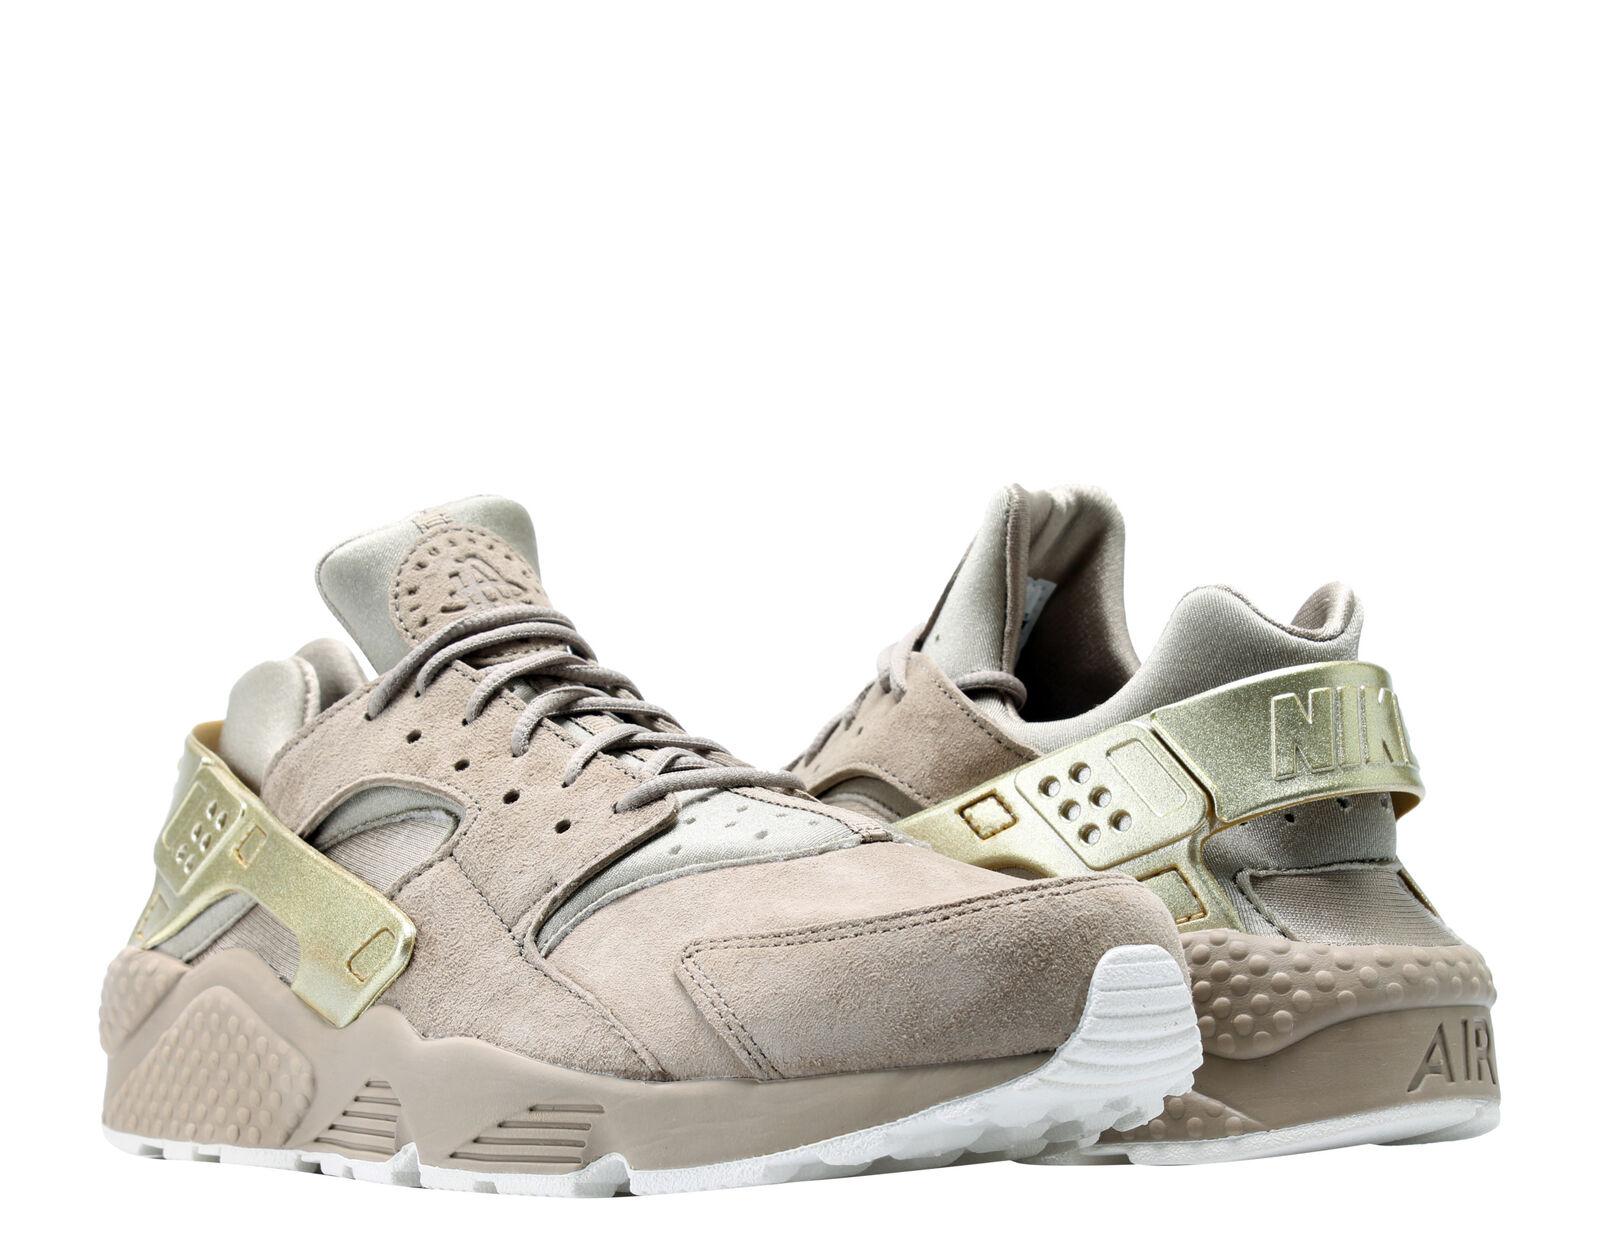 Nike air huarache correre premio cachi / oro vela uomini scarpe da corsa 704830-201